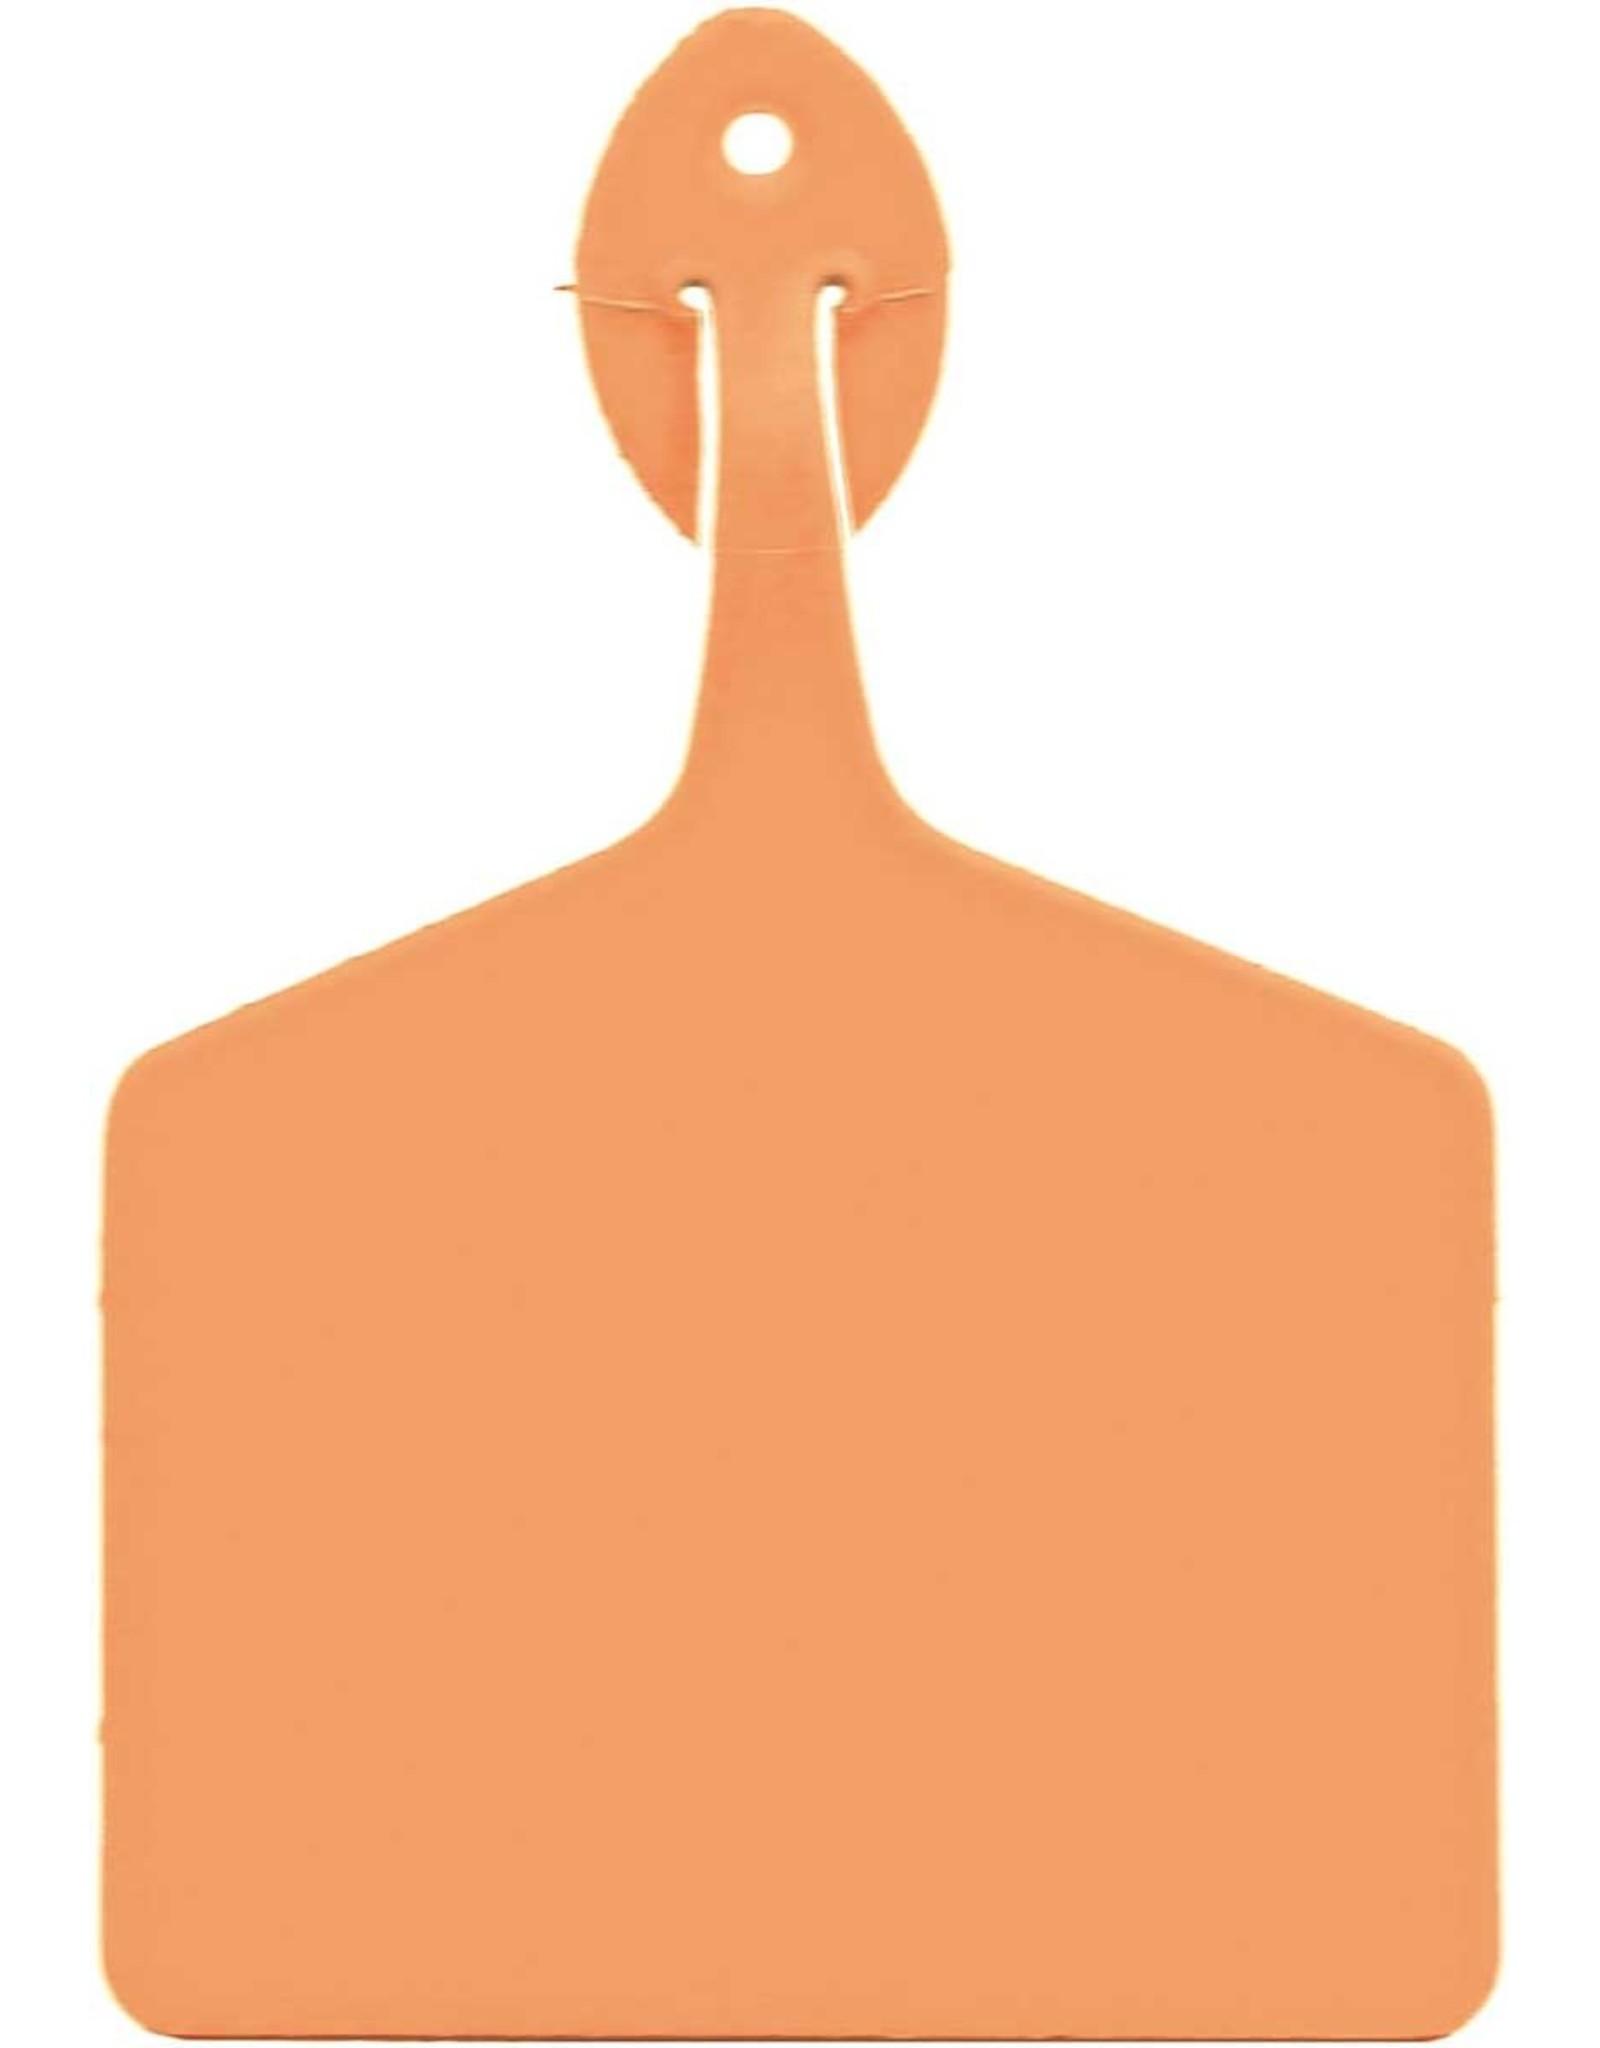 AF Feedlot Tag -  Light Orange - FEEDLOLOR 50pcs long package